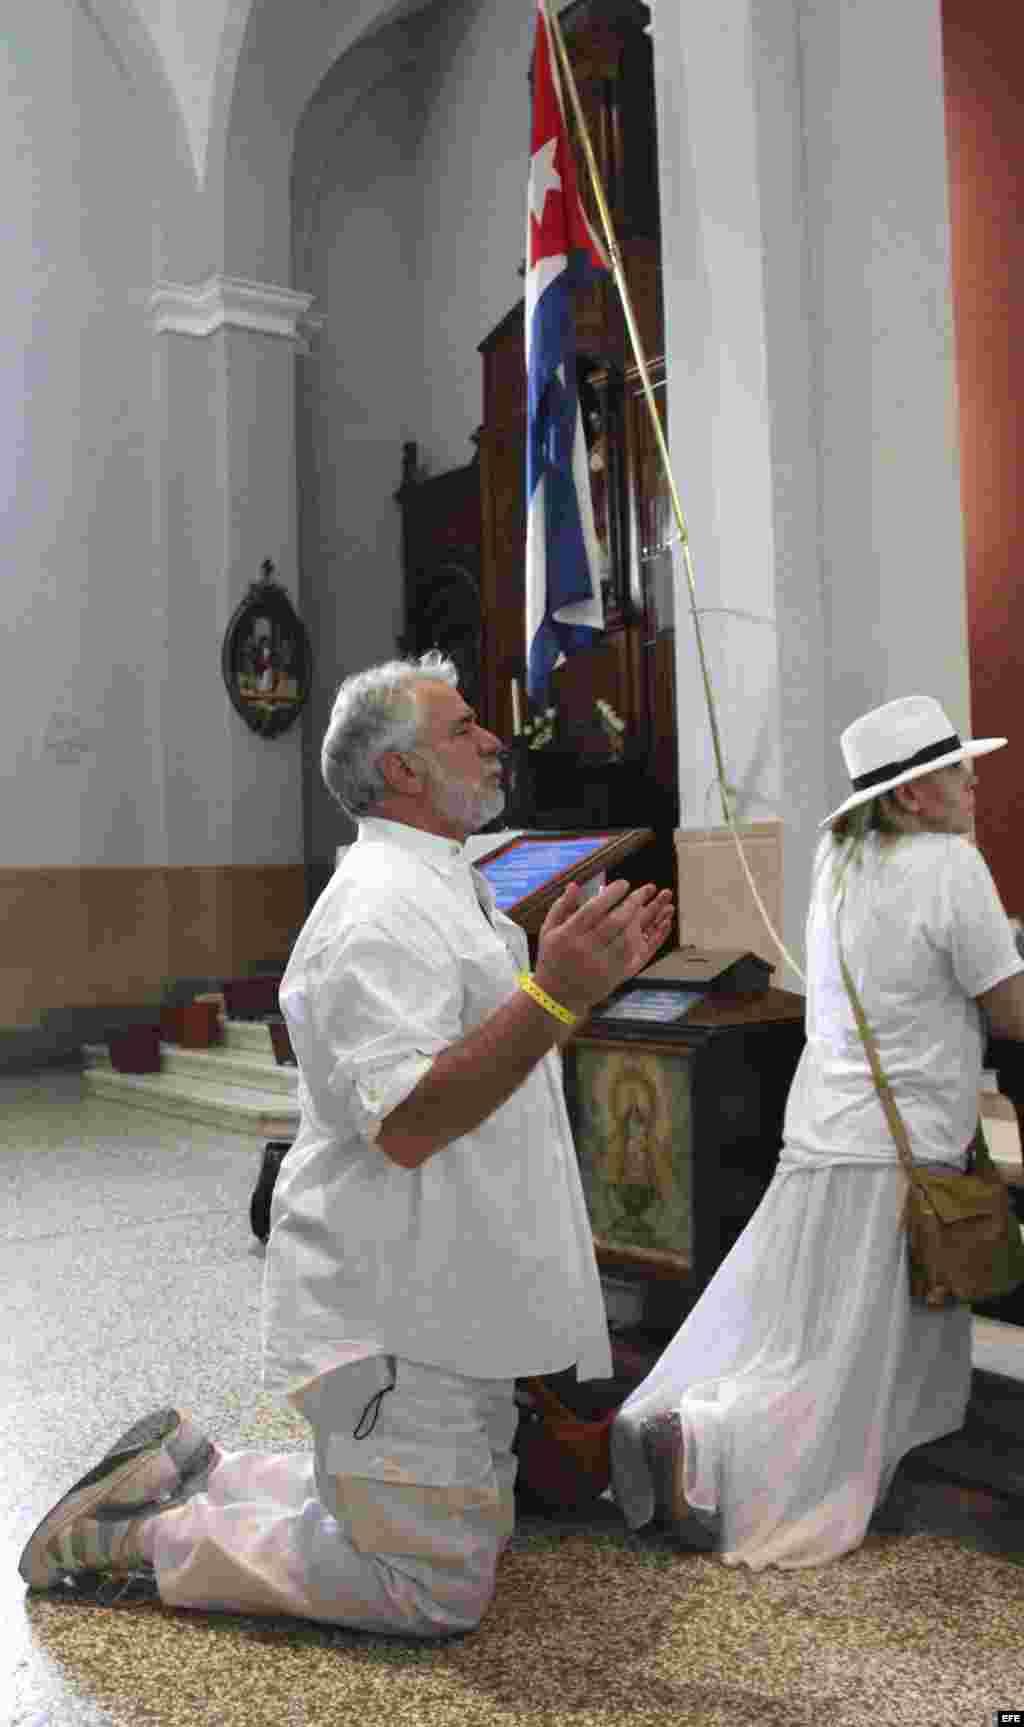 Un grupo de peregrinos católicos de Miami, encabezados por el Arzobispo de Miami, Thomas Wenski, visita el lunes 26 de marzo de 2012, el santuario de la Virgen de la Caridad en el poblado del Cobre, en Santiago de Cuba